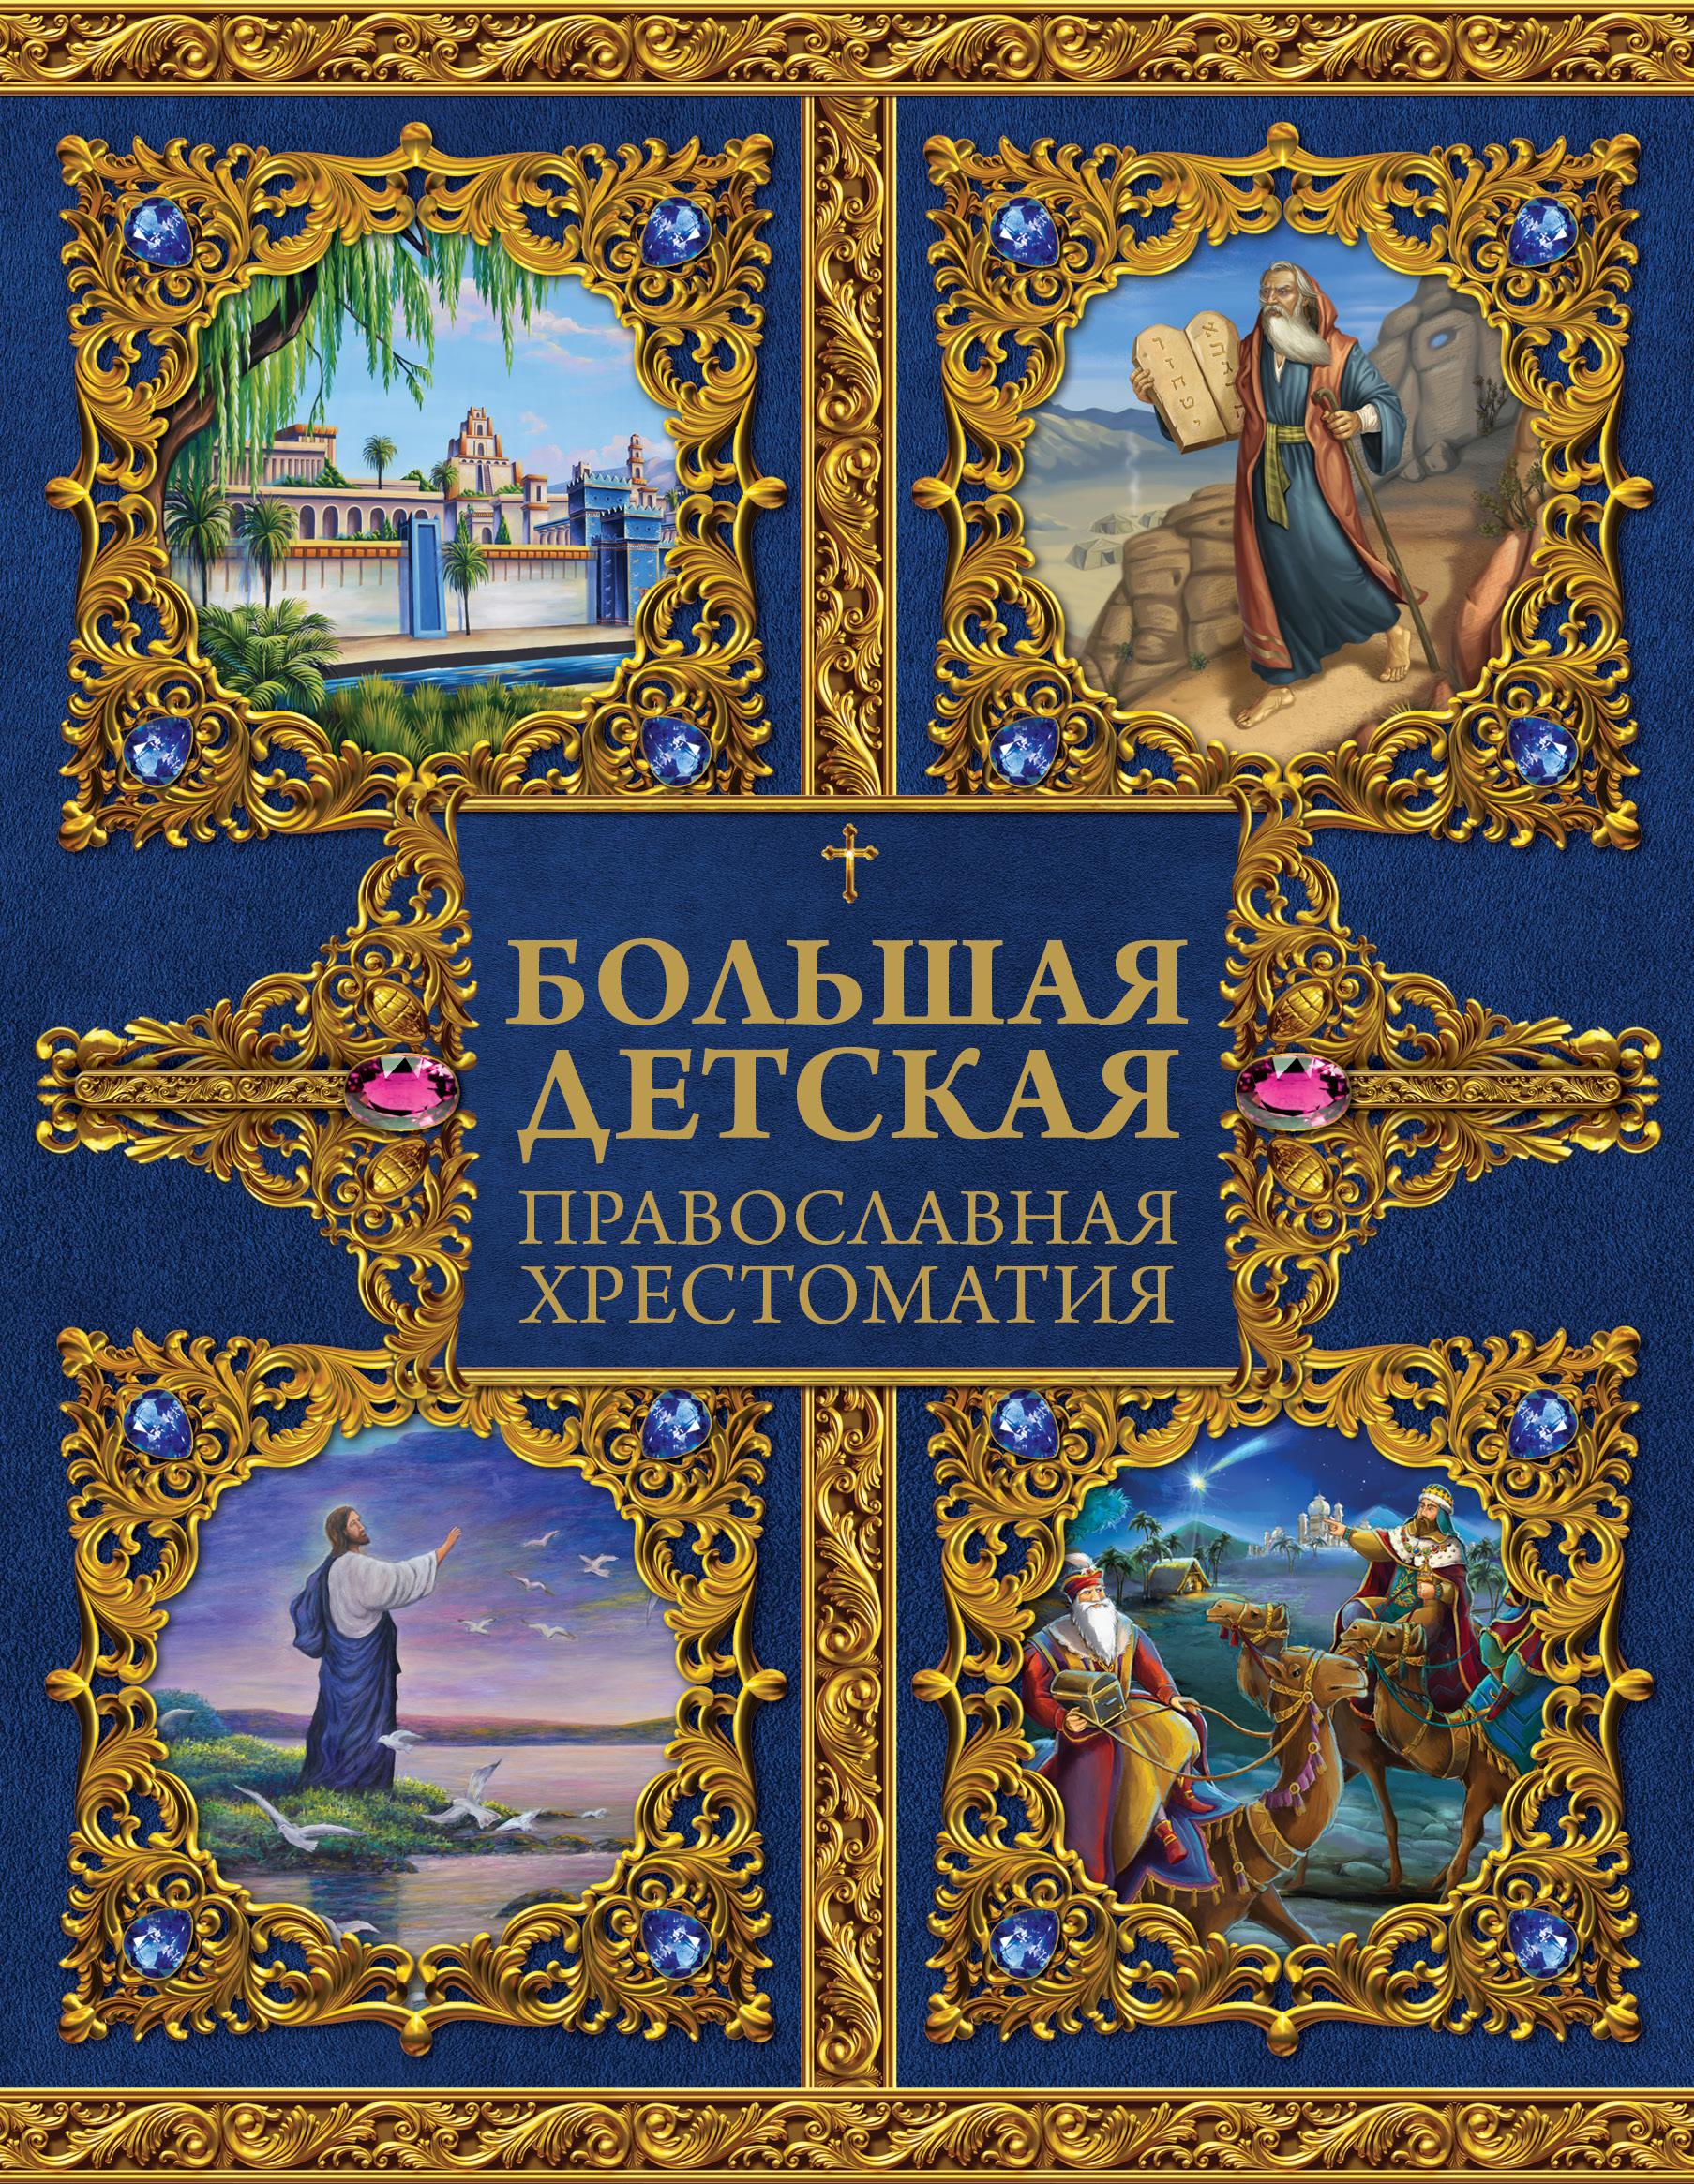 Большая детская православная хрестоматия ( Захарченко Е.Ю.  )